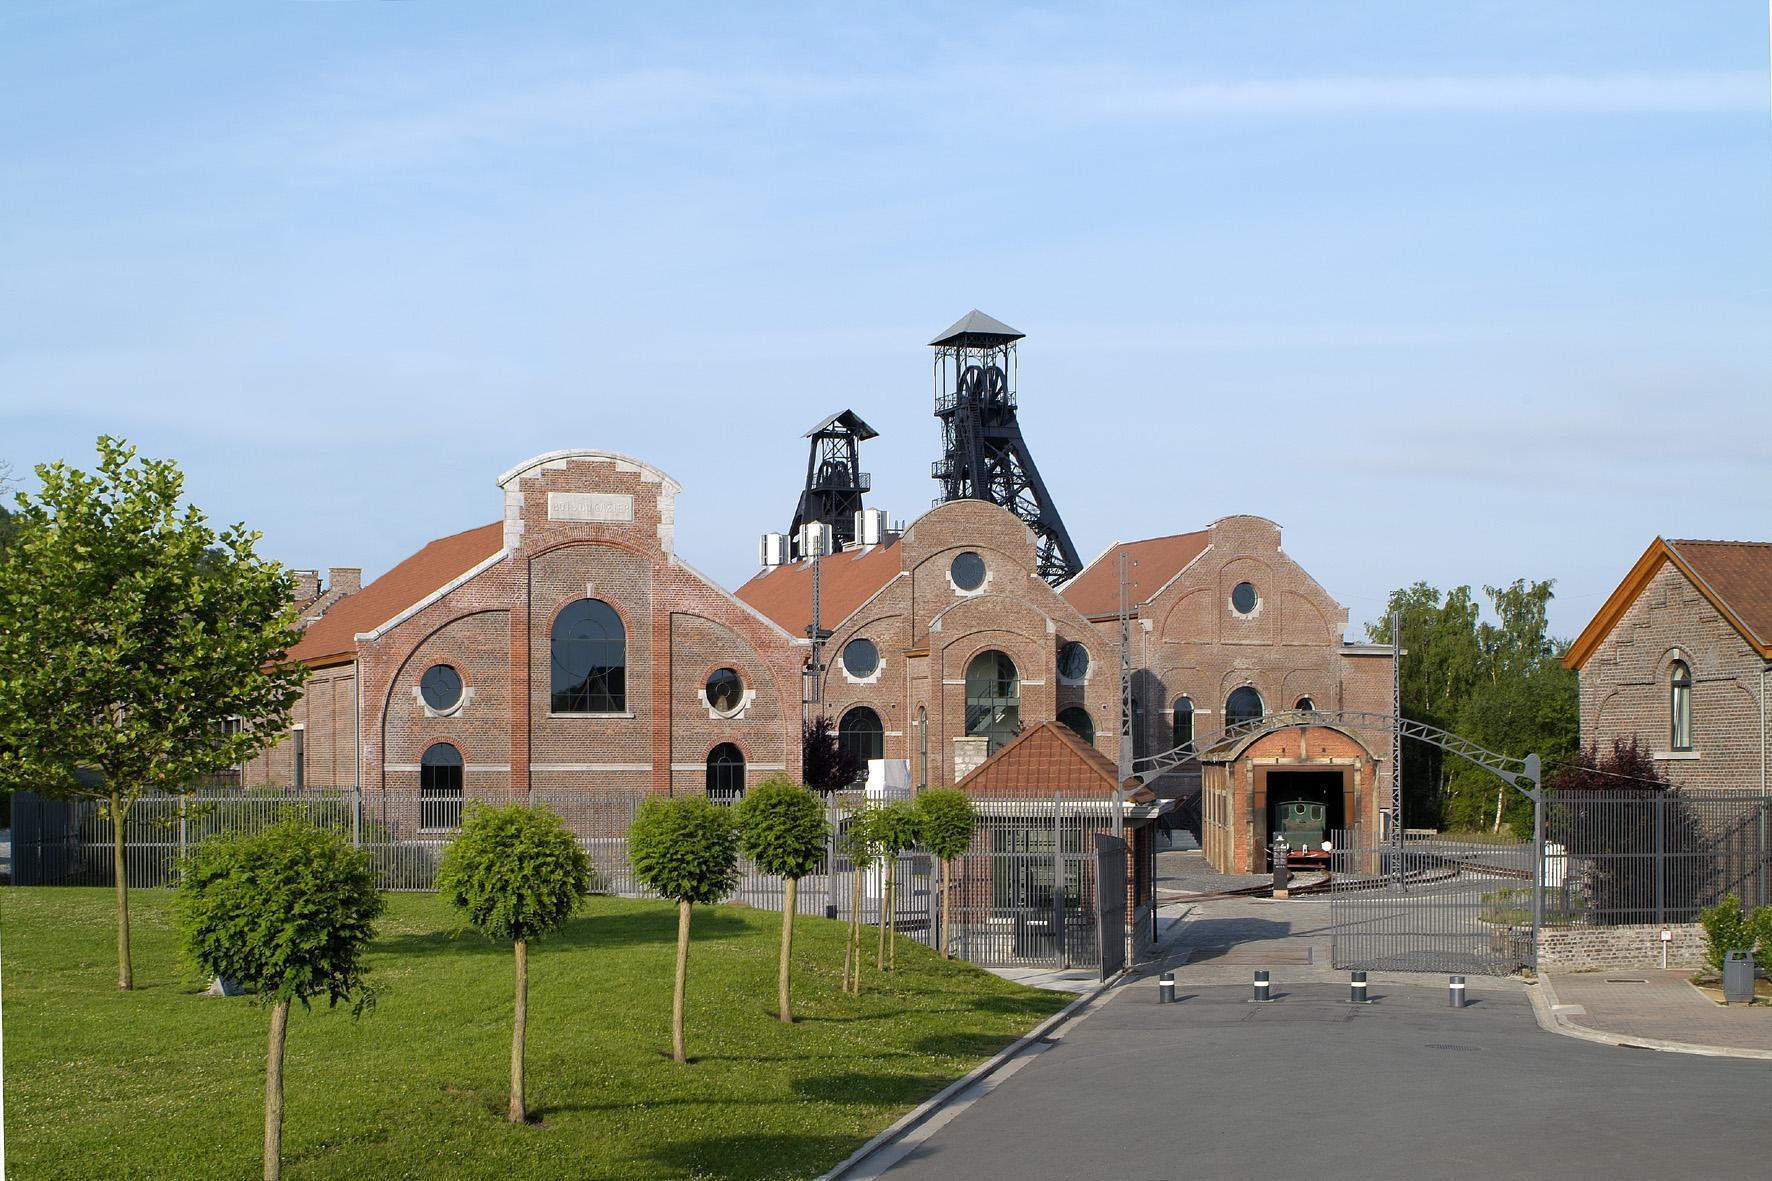 成為聯合國世界文化遺產的比利時南部4座廢棄煤礦場之一(bois du Cazier)